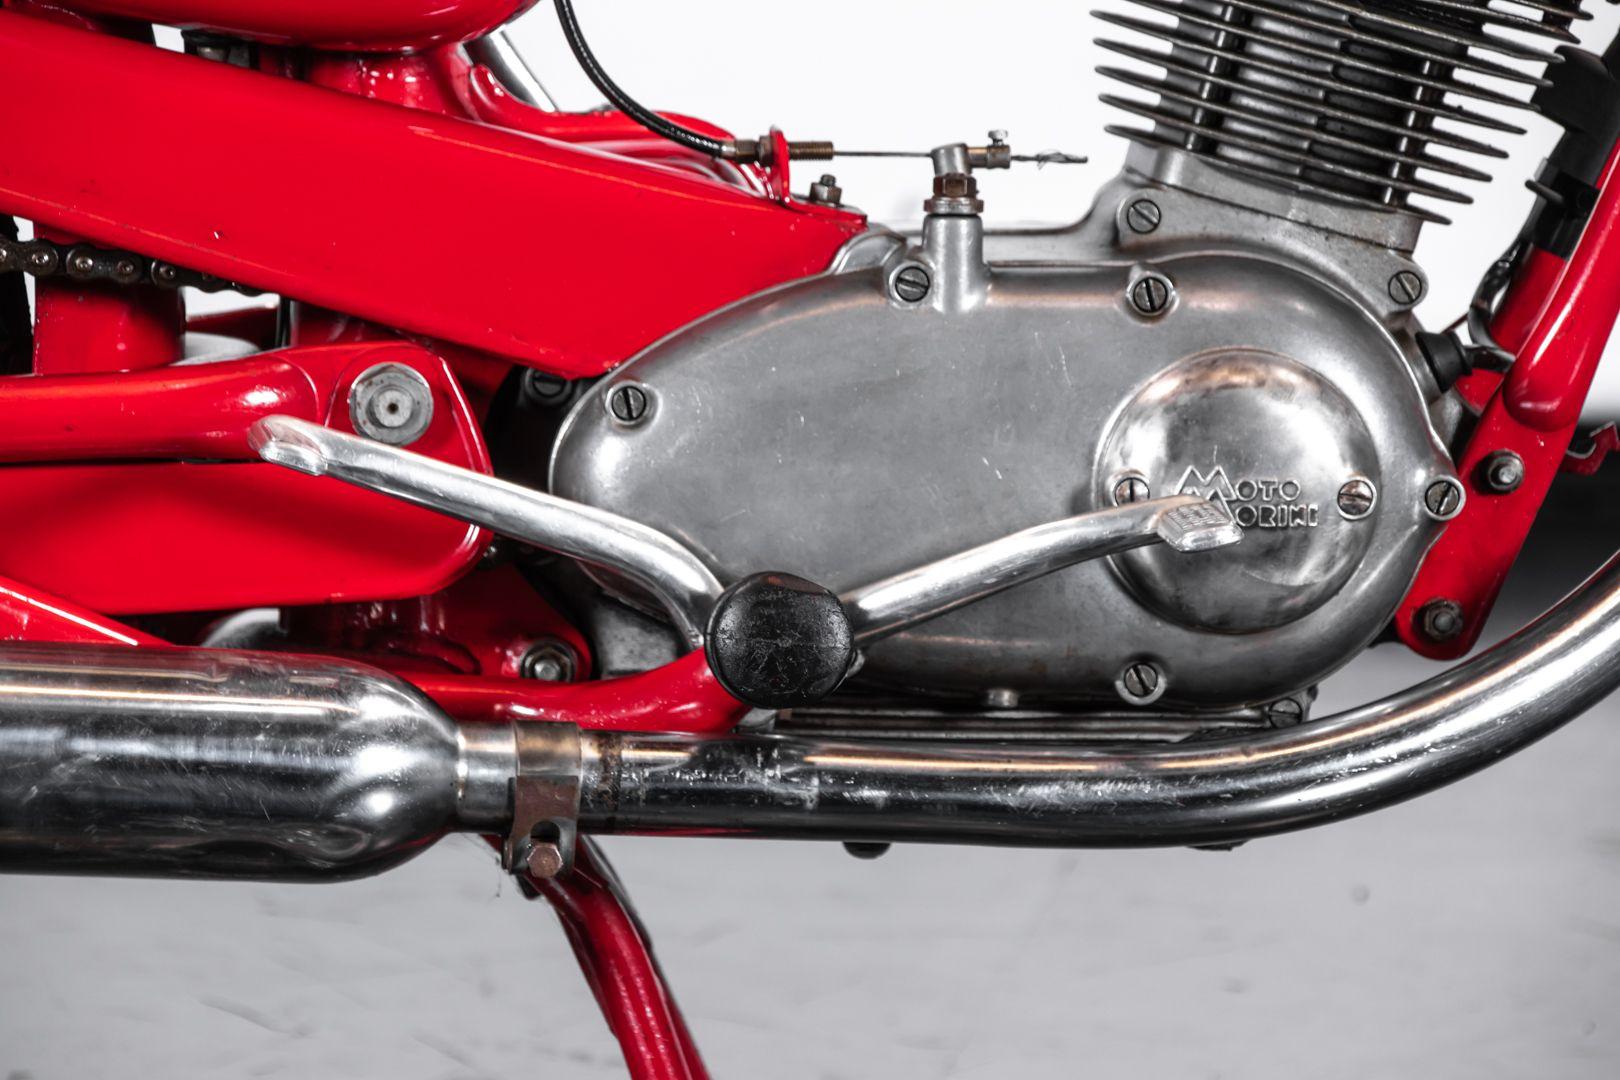 1968 Moto Morini Corsaro Sport Veloce 125 77751